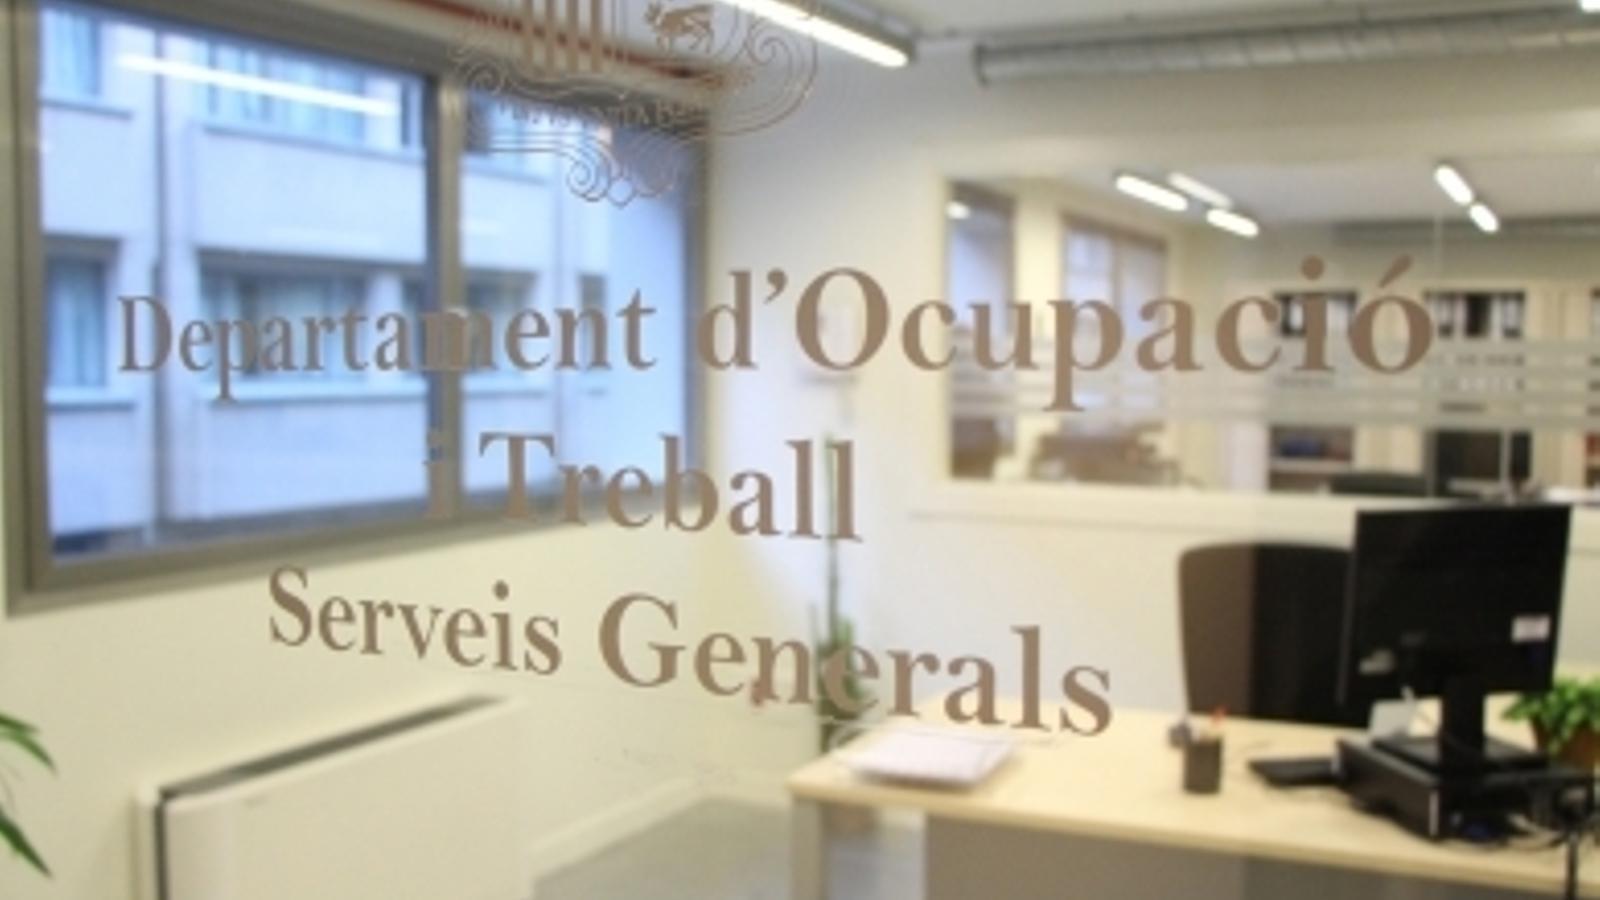 Oficina del departament d'Ocupació. / ARXIU